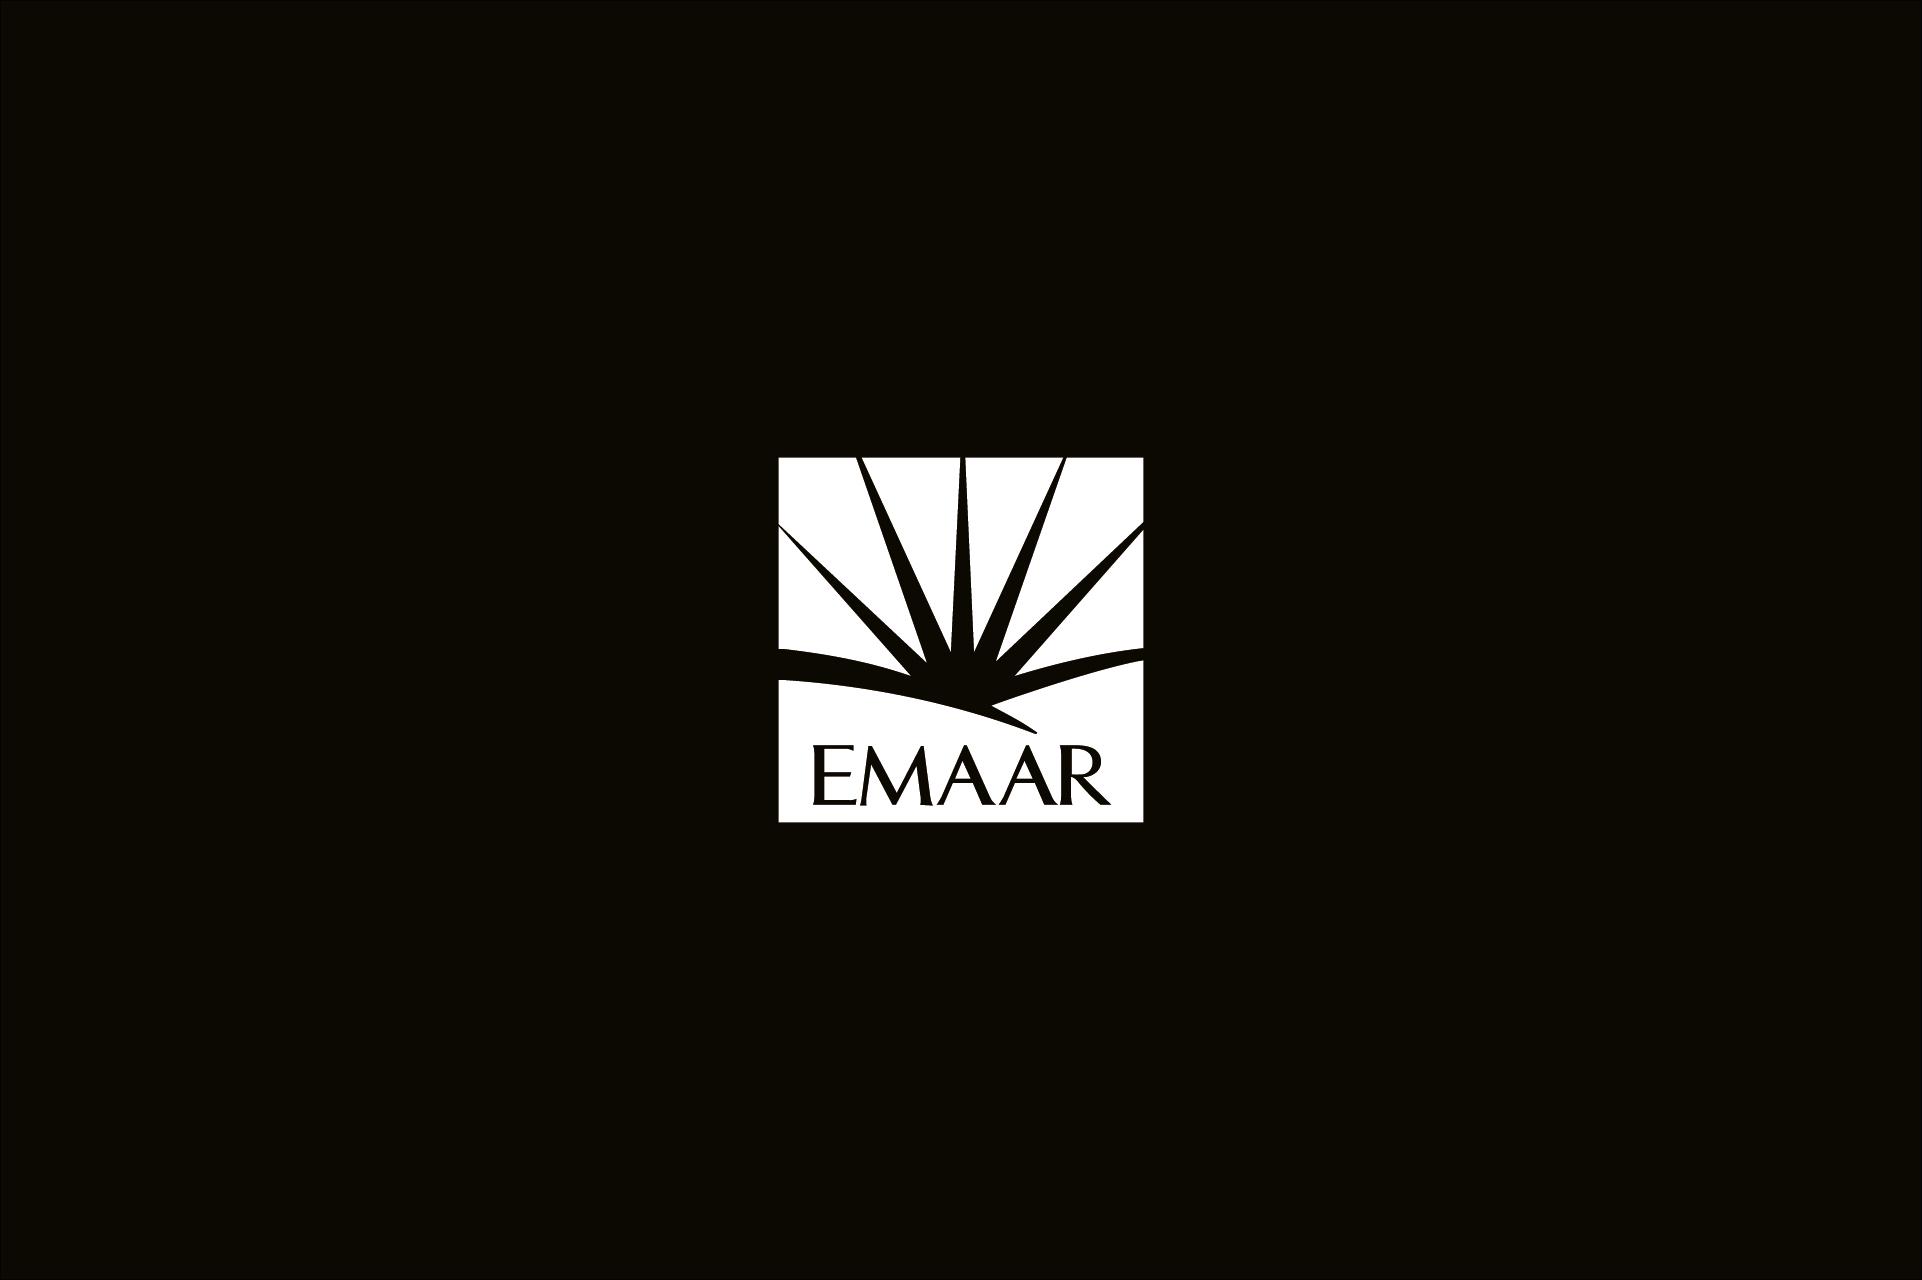 EMAAR